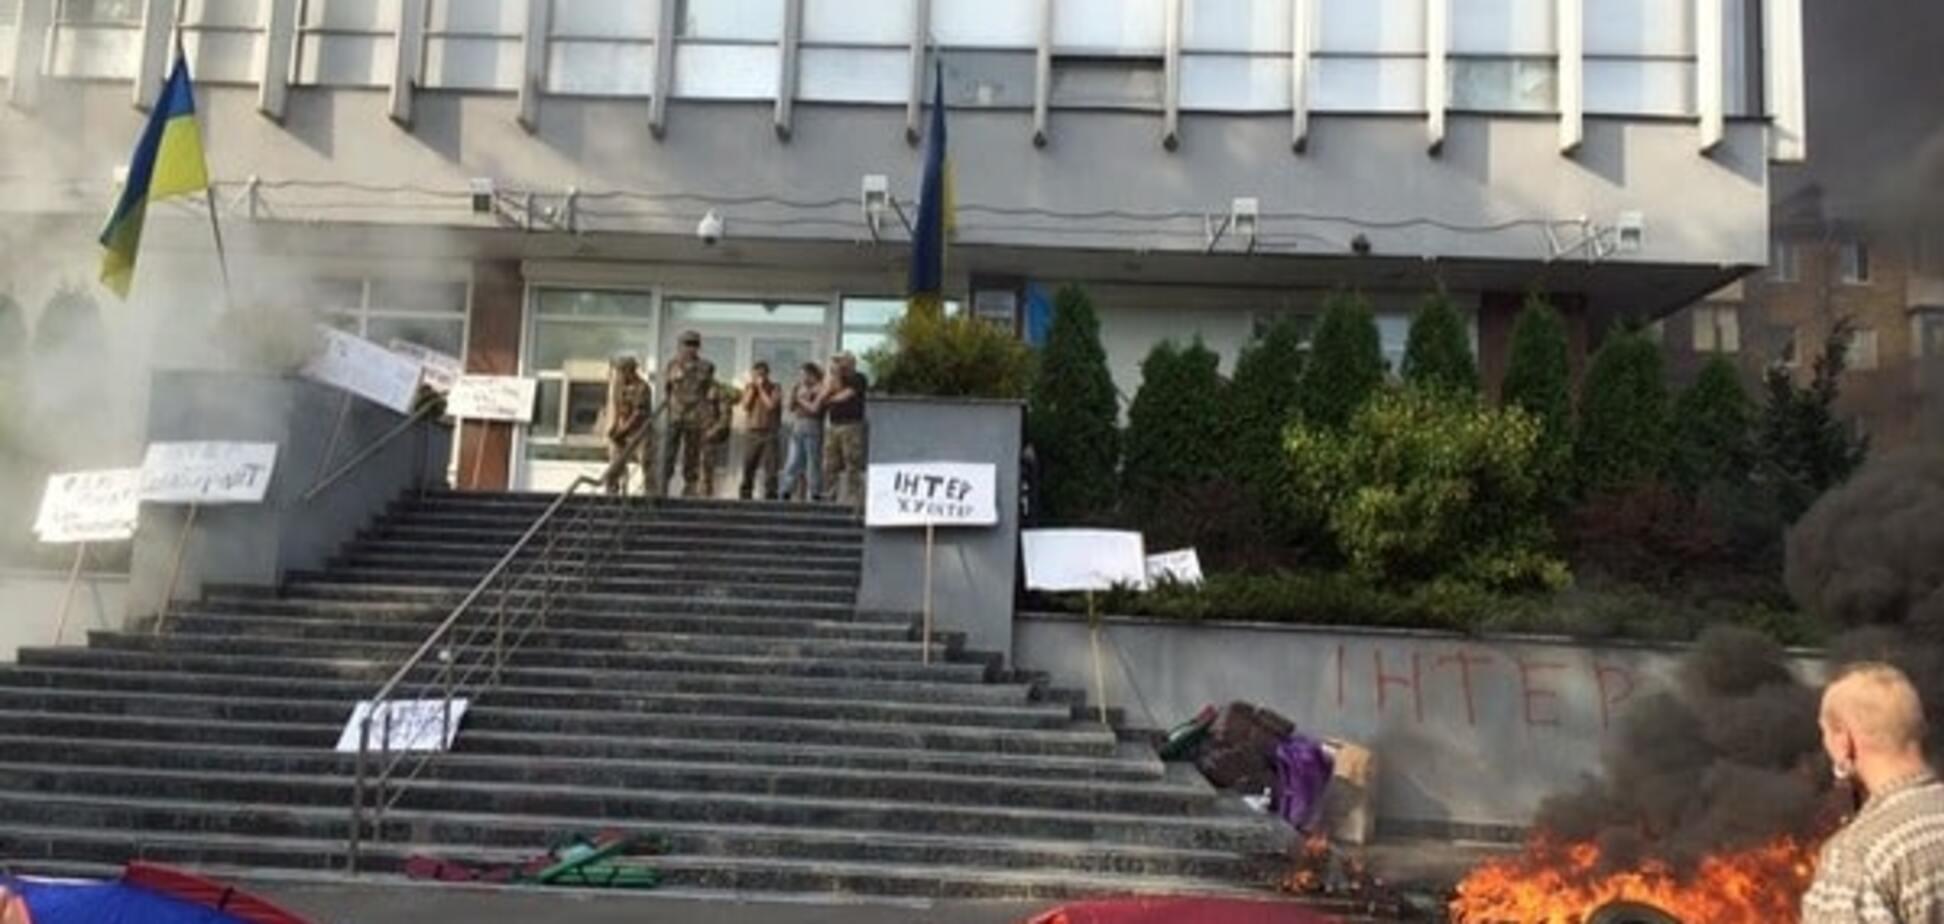 Пожежа на 'Інтері': журналісти заявили протест діям влади